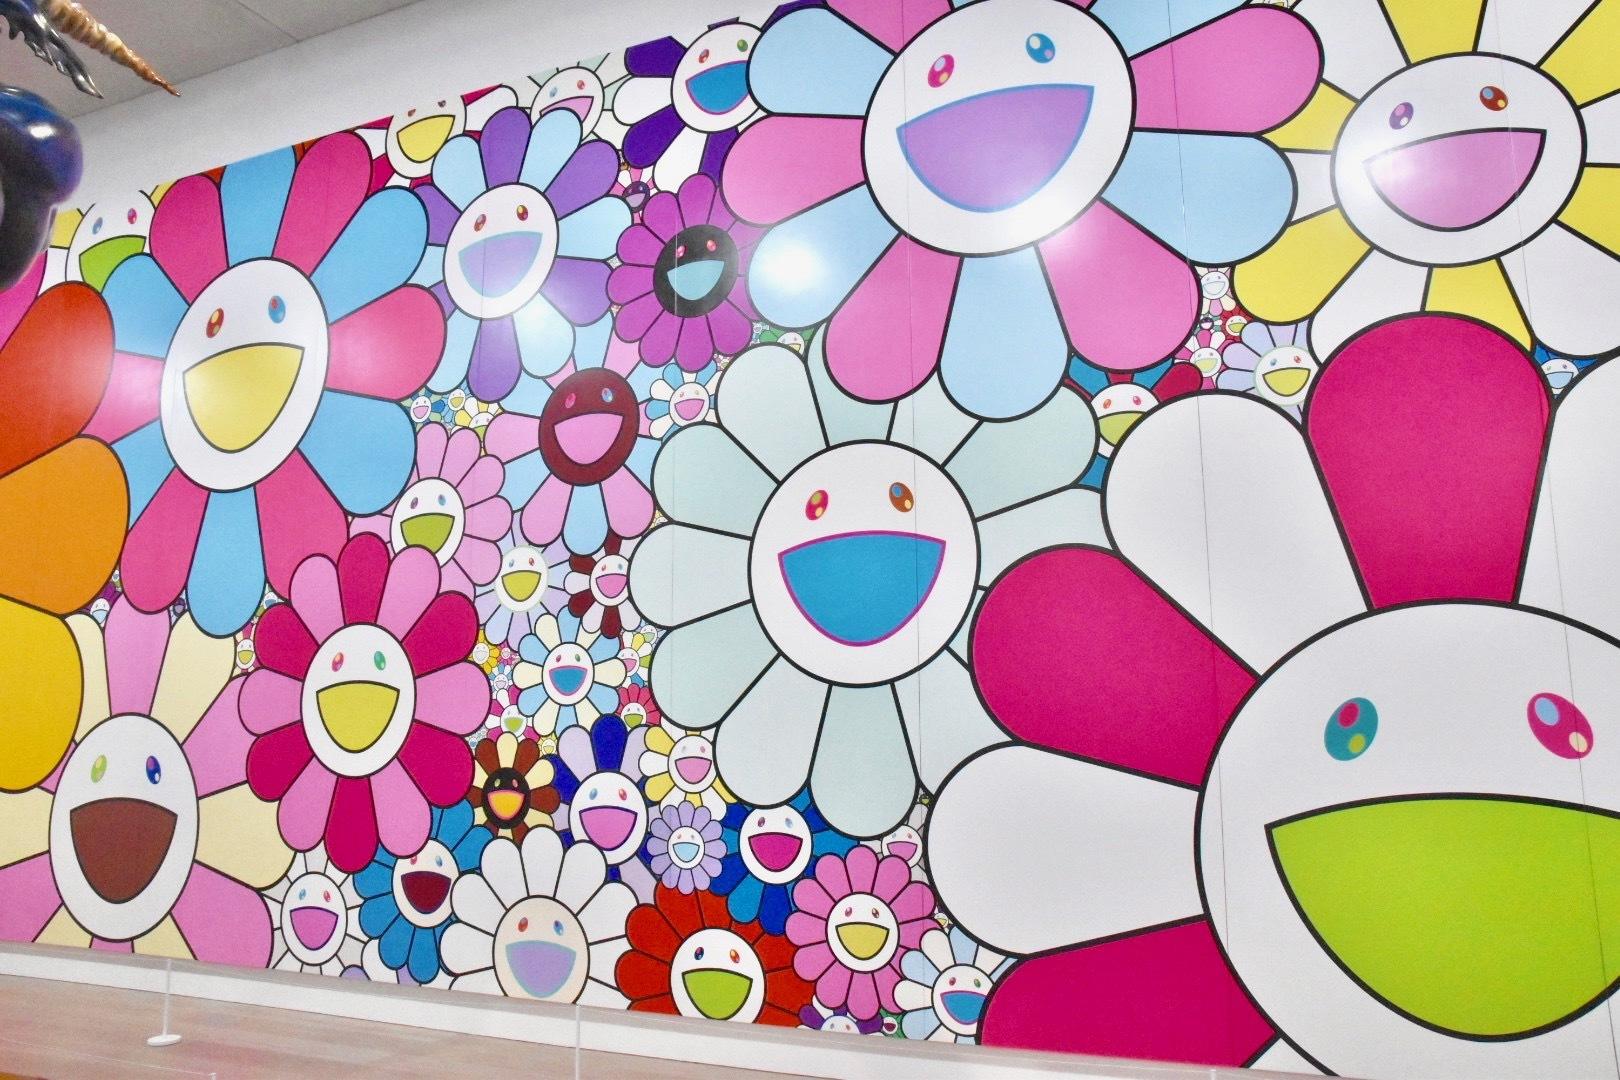 村上隆《ポップアップフラワー》2020年  (C)2020 Takashi Murakami/Kaikai Kiki Co., Ltd All Rights Reserved.